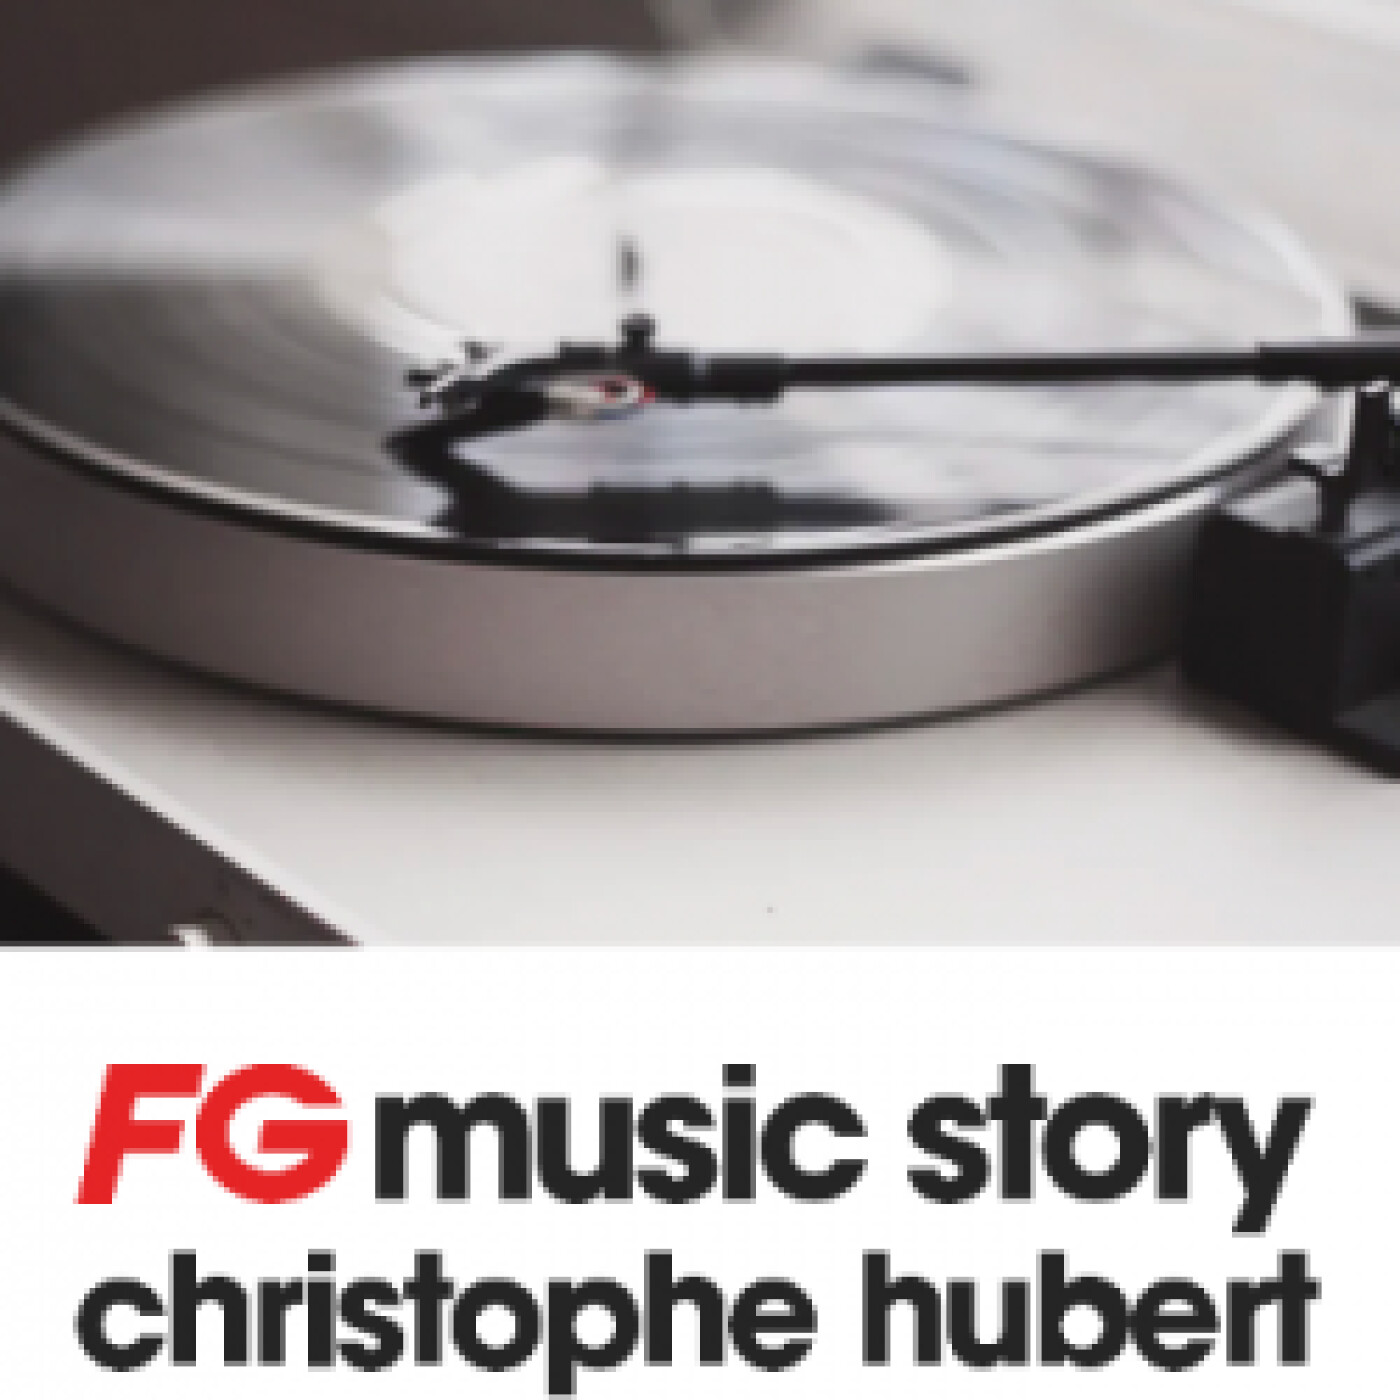 FG MUSIC STORY : YEARS & YEARS